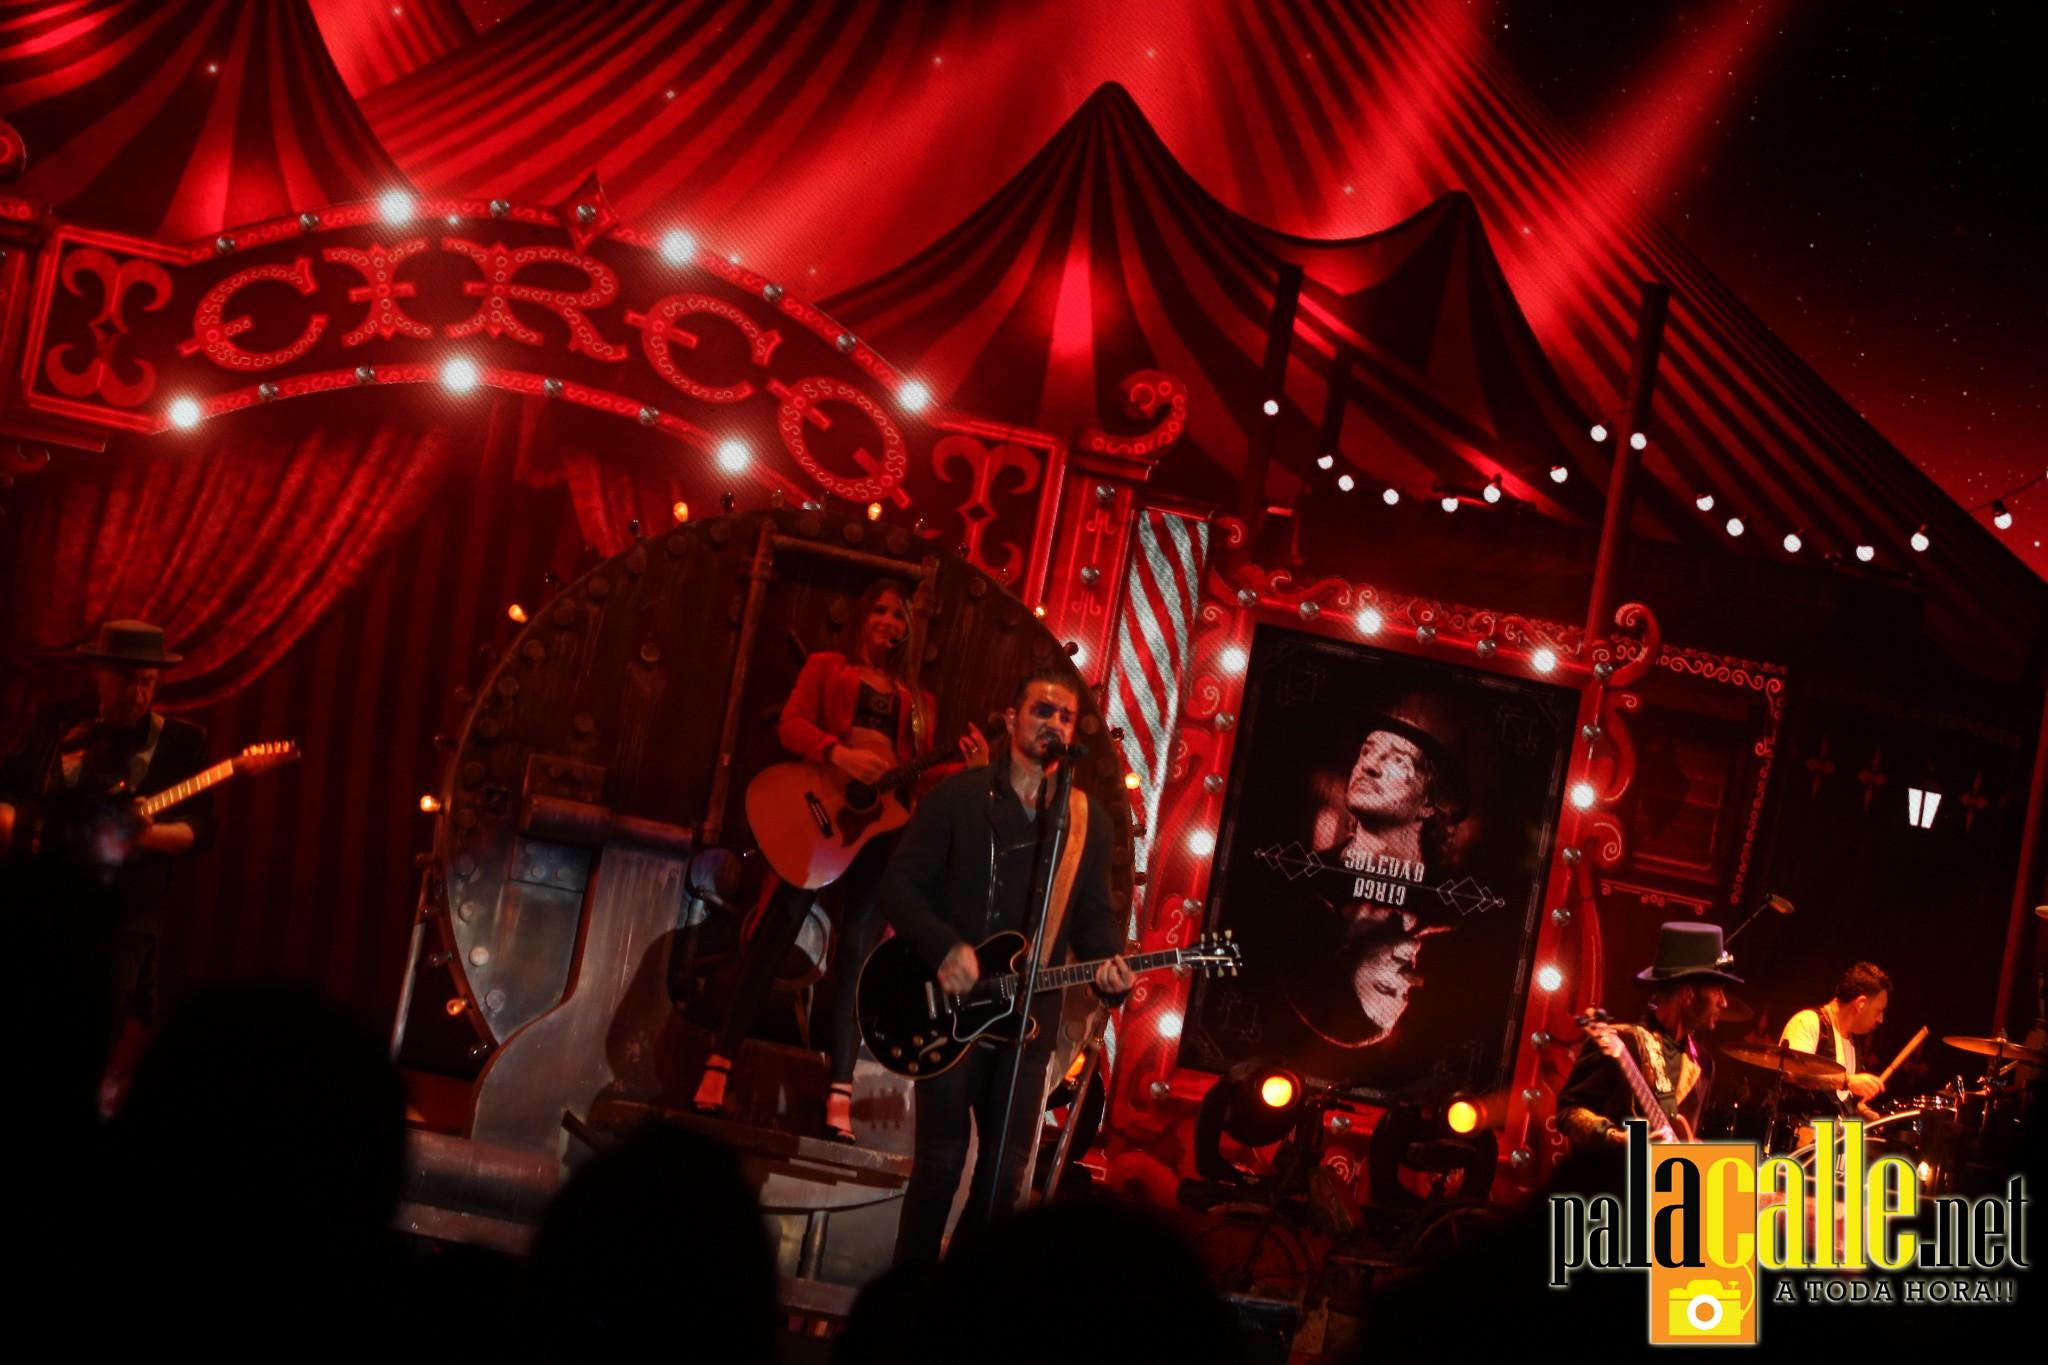 Ricardo Arjona13palacalle.net